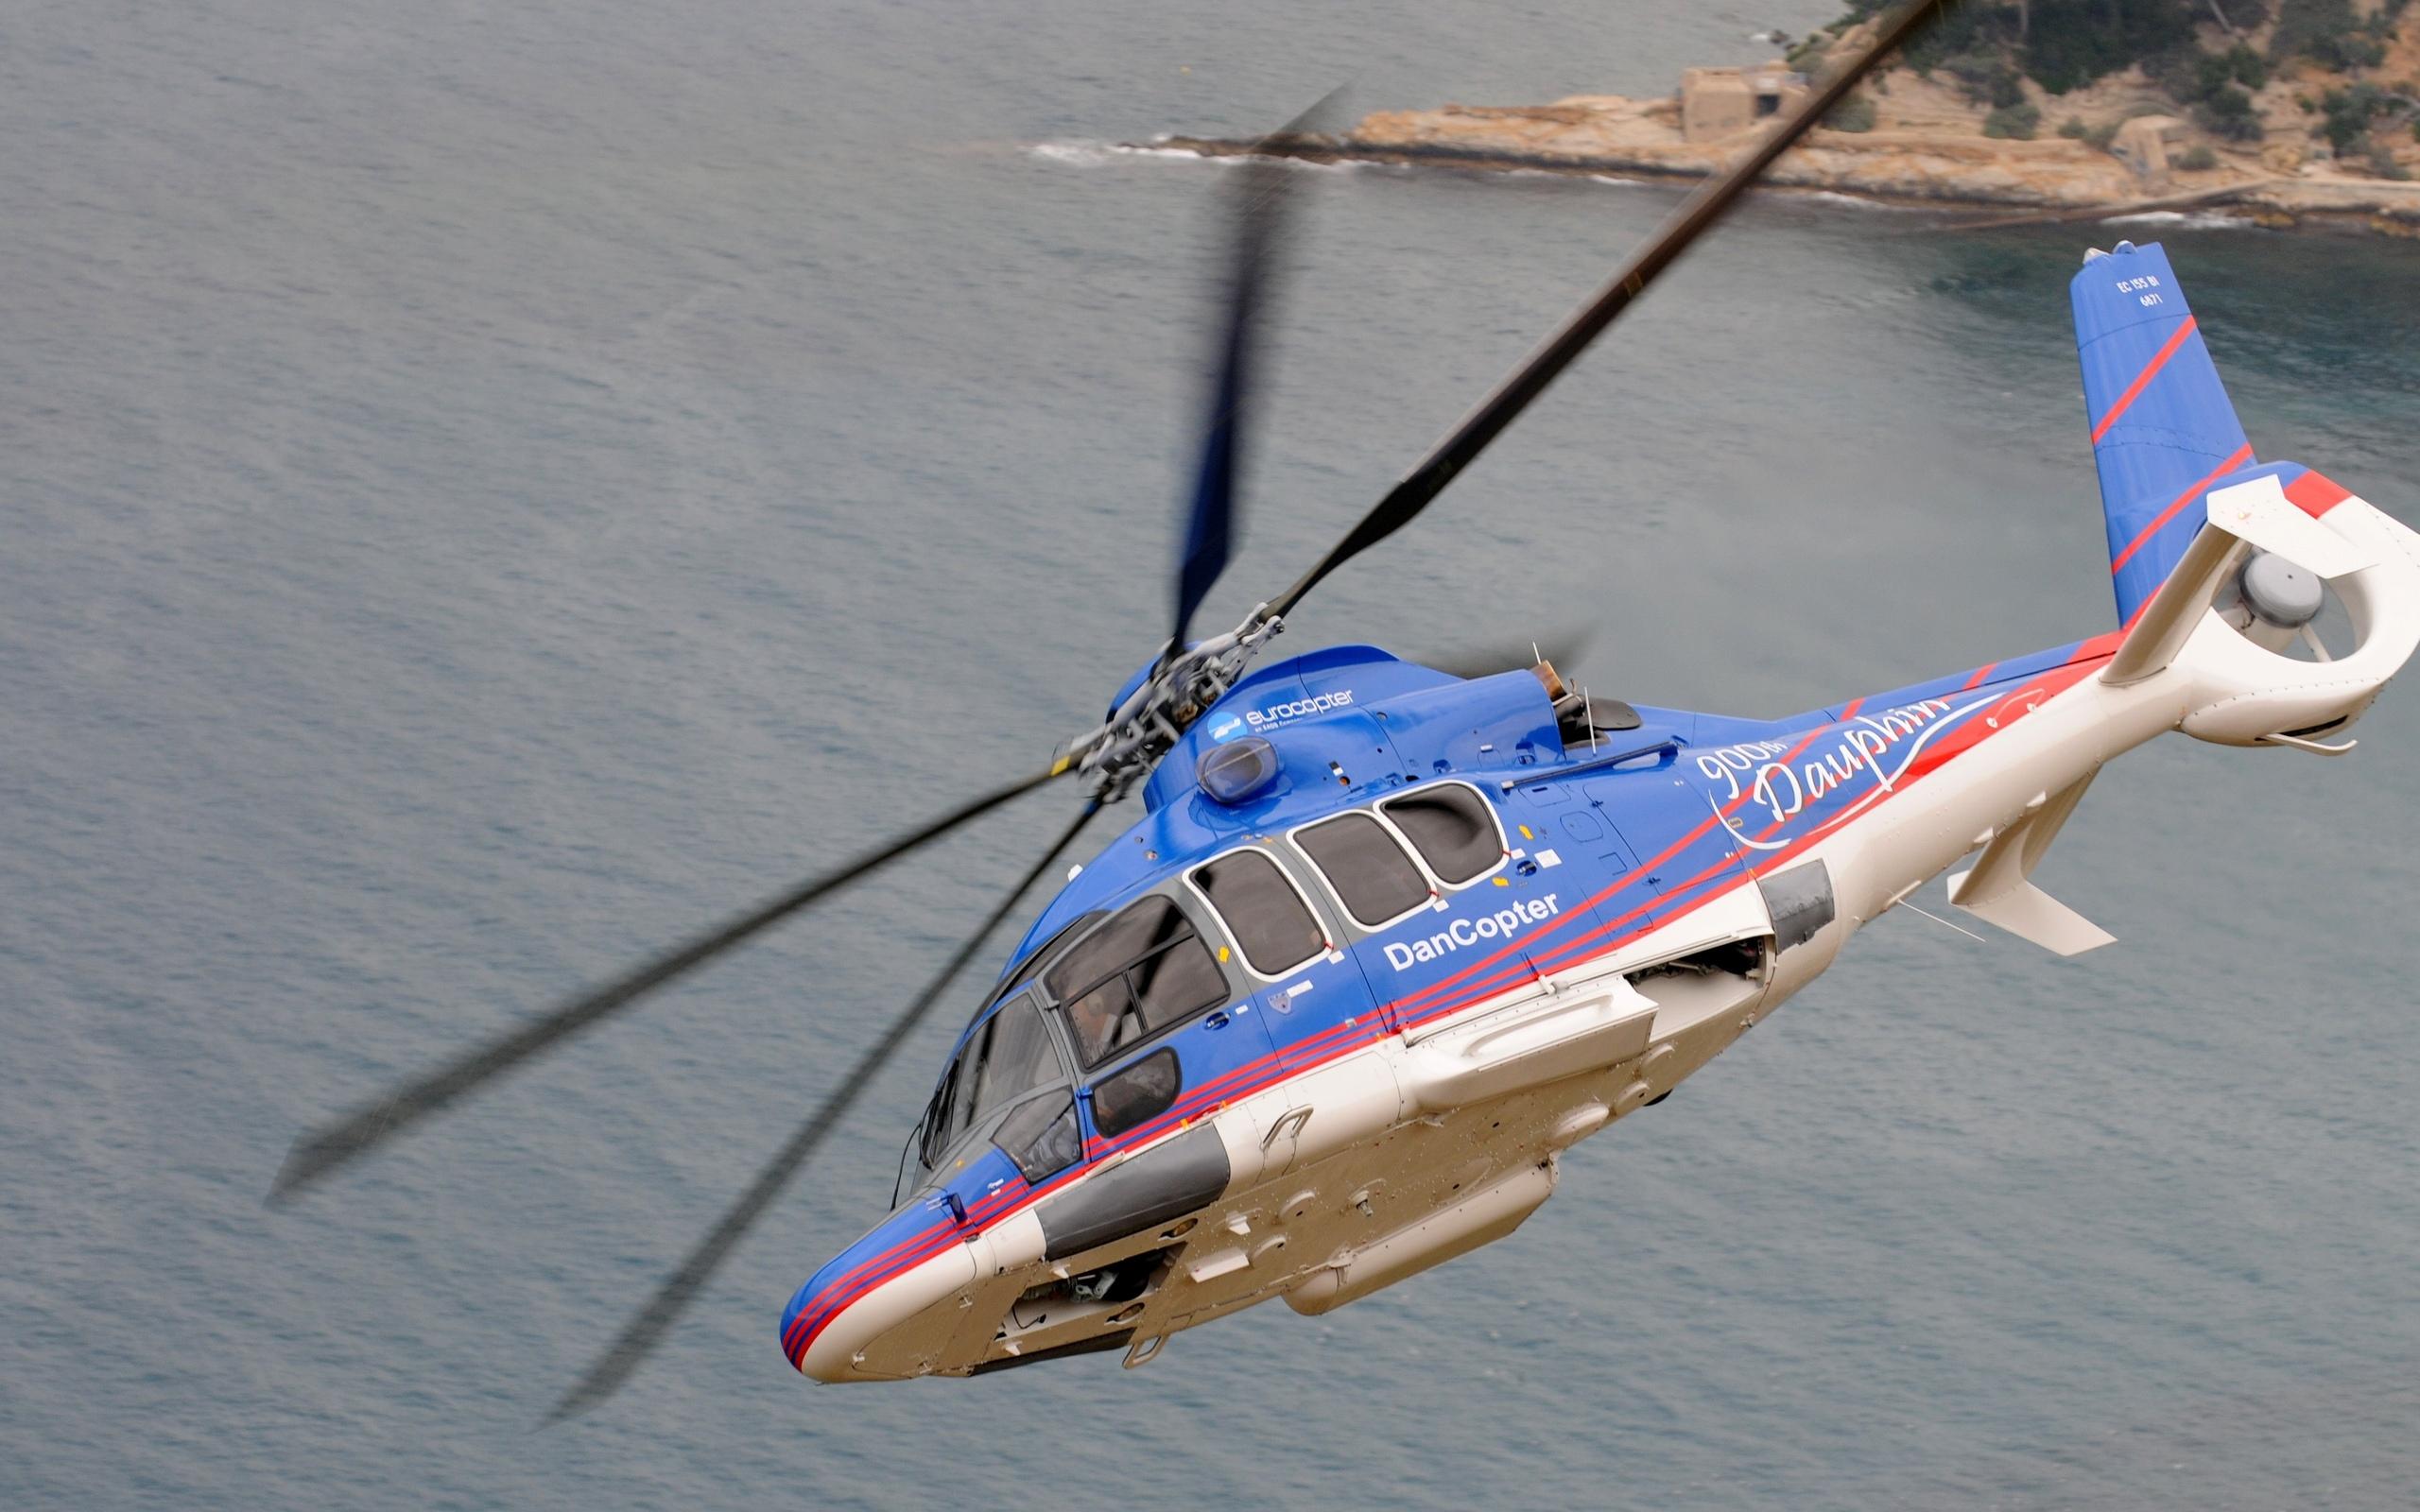 Helicoptero Hd Fondos De Escritorio: Helicóptero Full HD Fondo De Pantalla And Fondo De